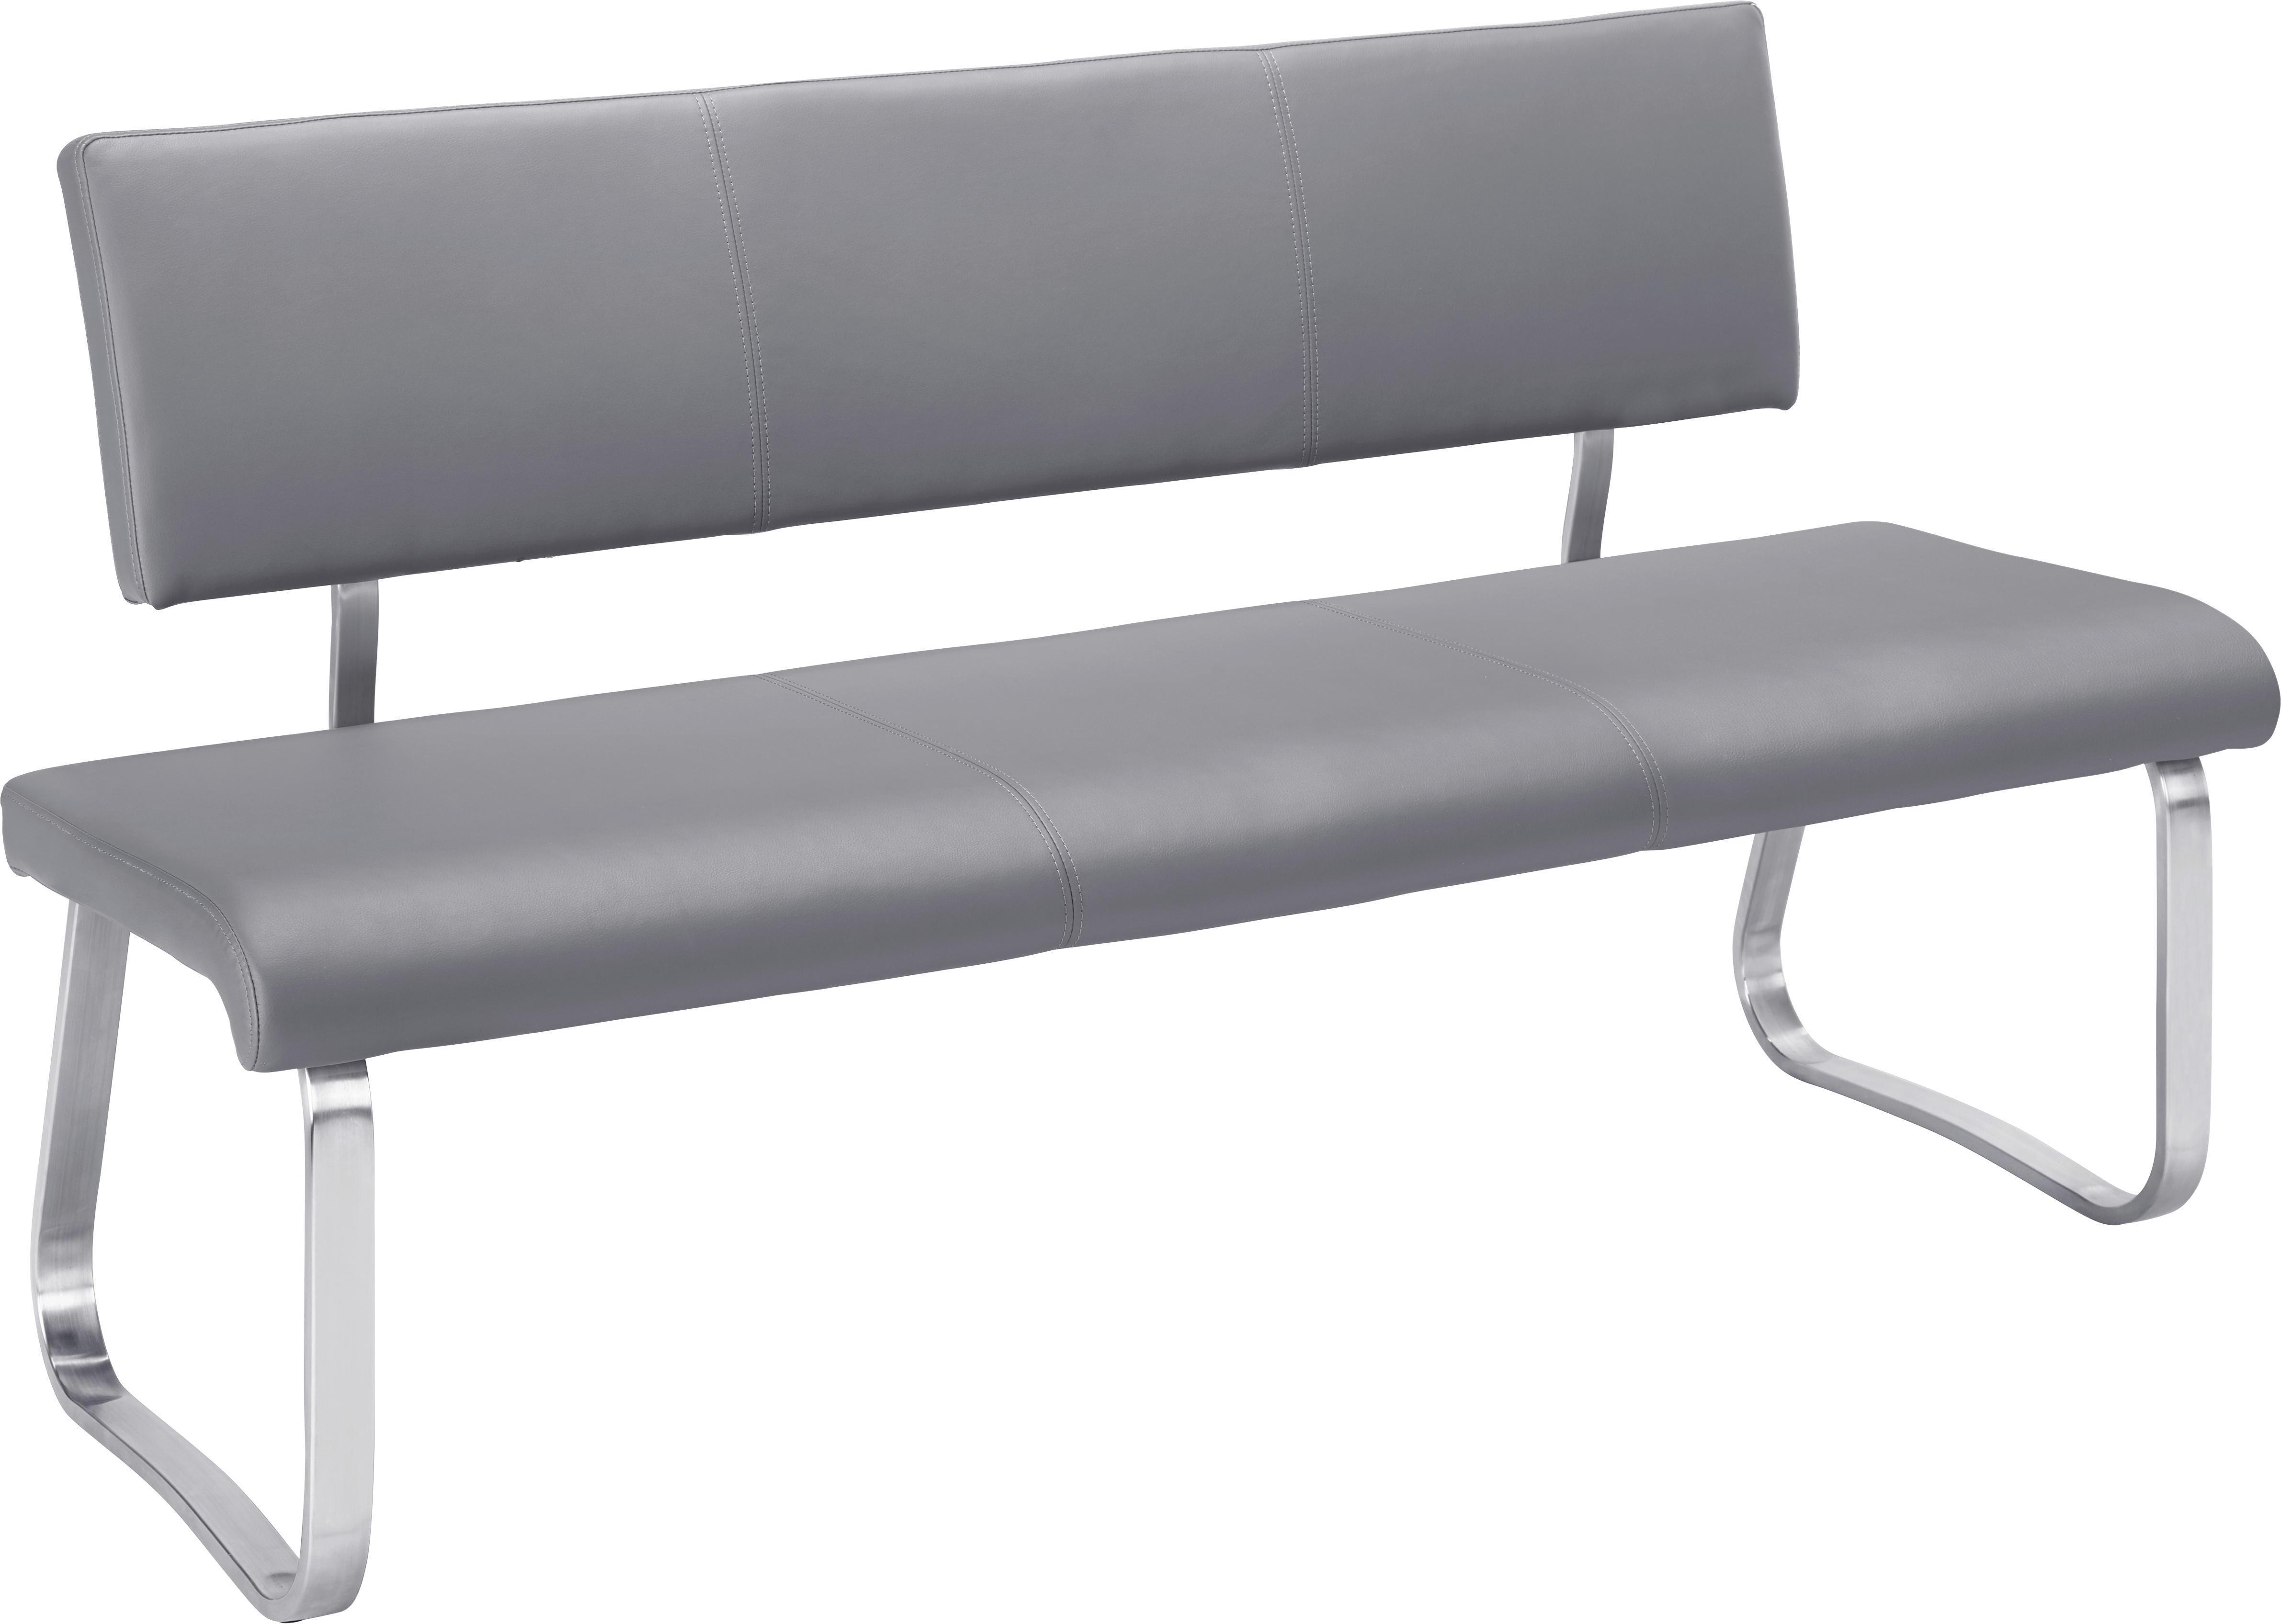 Sitzbank Modern sitzbank mit lehne grau dekoration ideen